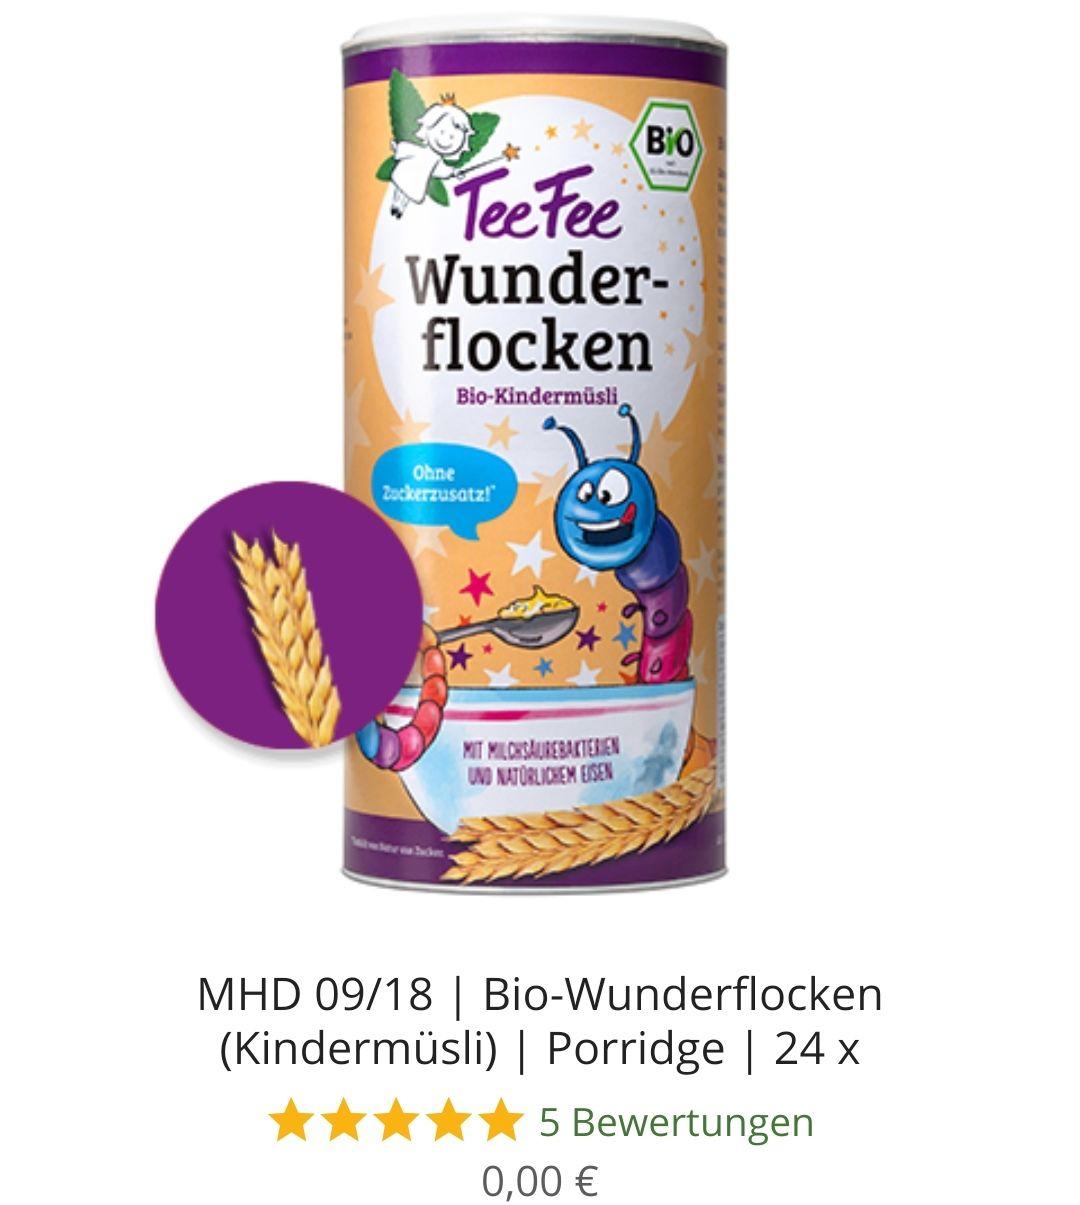 24 x 1,25 kg TeeFee Bio-Wunderflocken